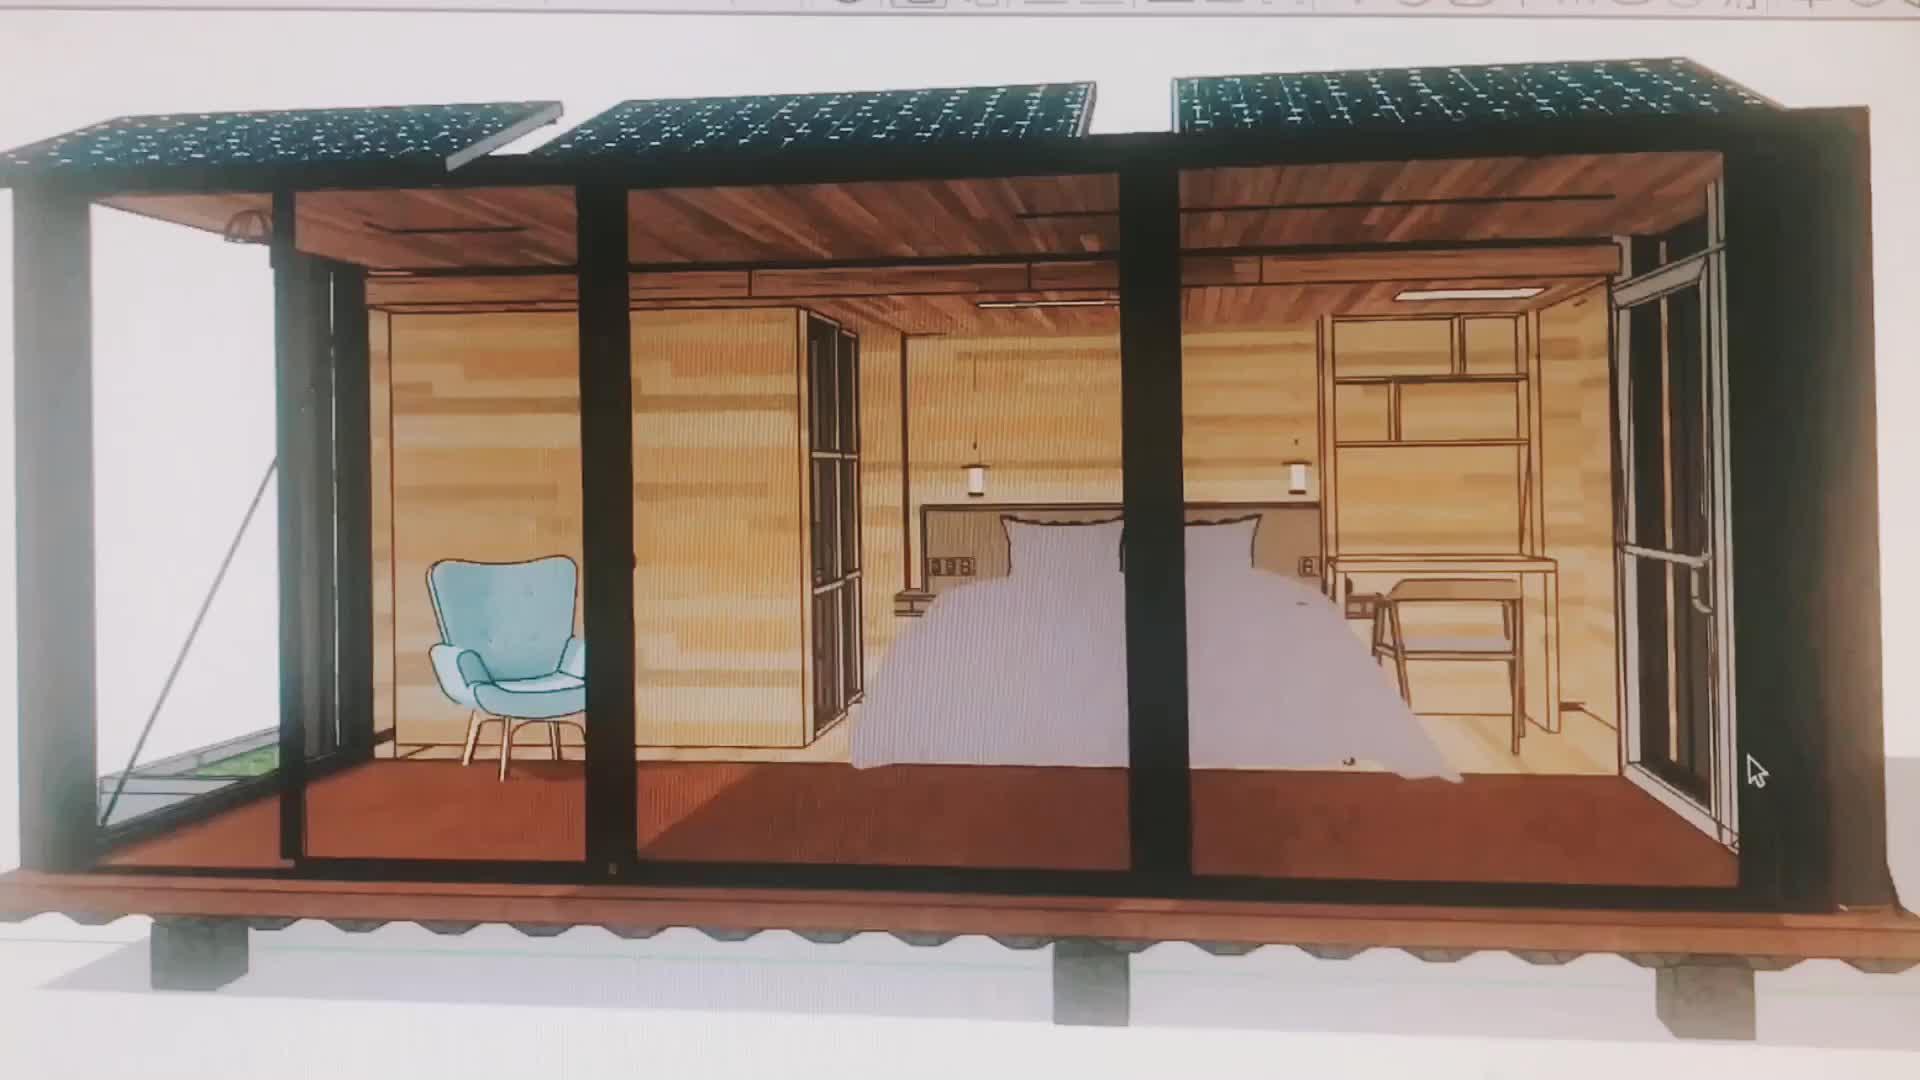 Modern Tasarım sürgülü kabin konteyner ev 20ft kargo konteyneri cam duvar ile